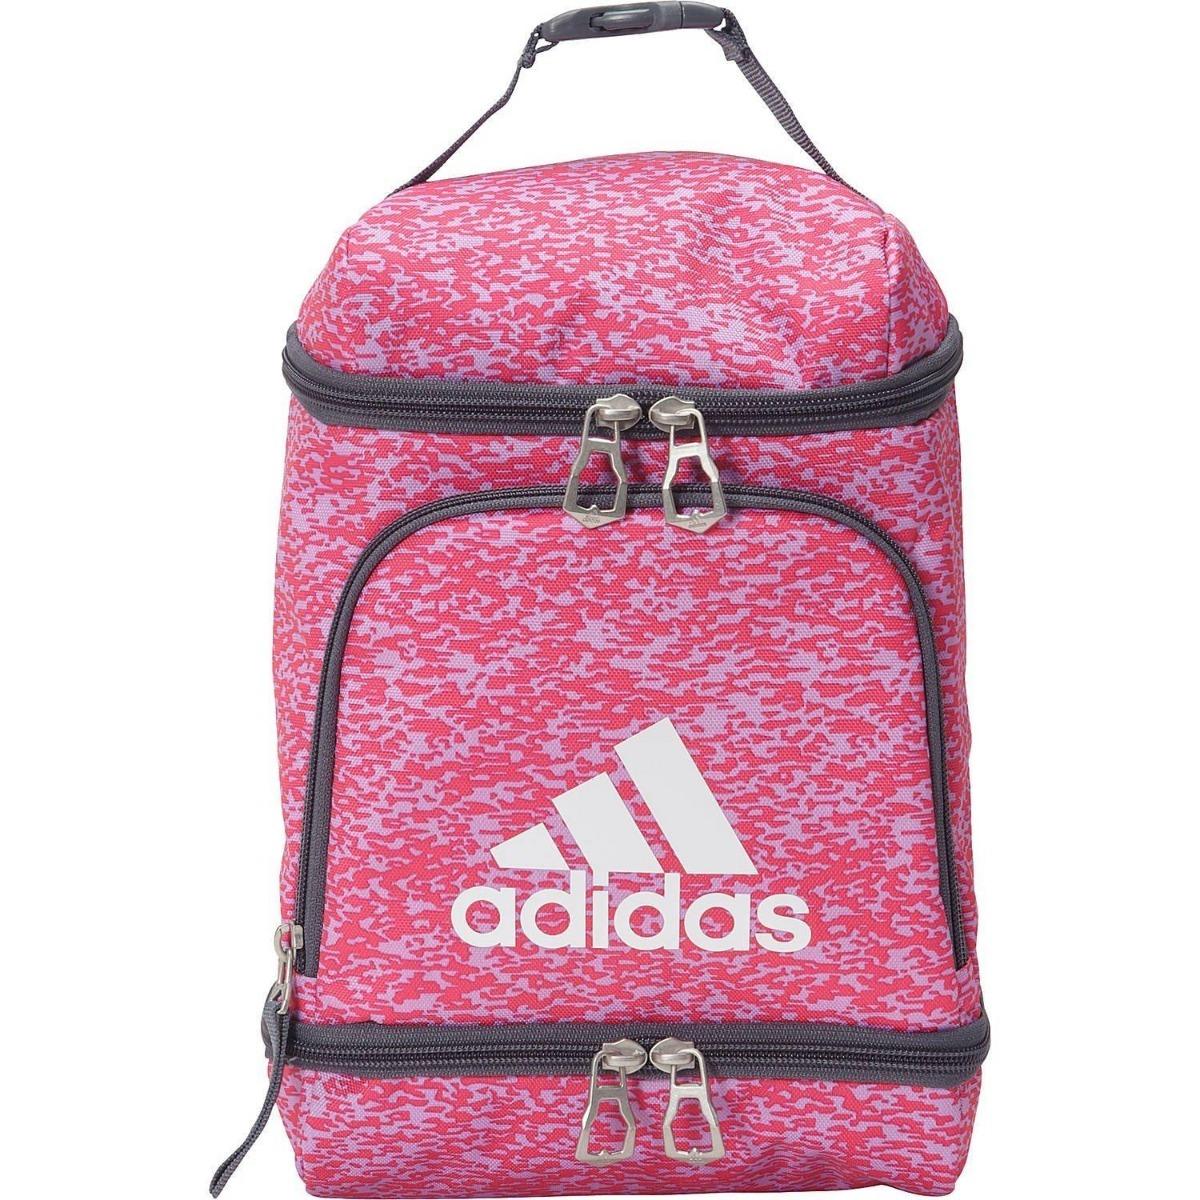 a76d87e55 Bolsa Rosa adidas Marmita Lancheira Térmica Original - R$ 210,00 em ...